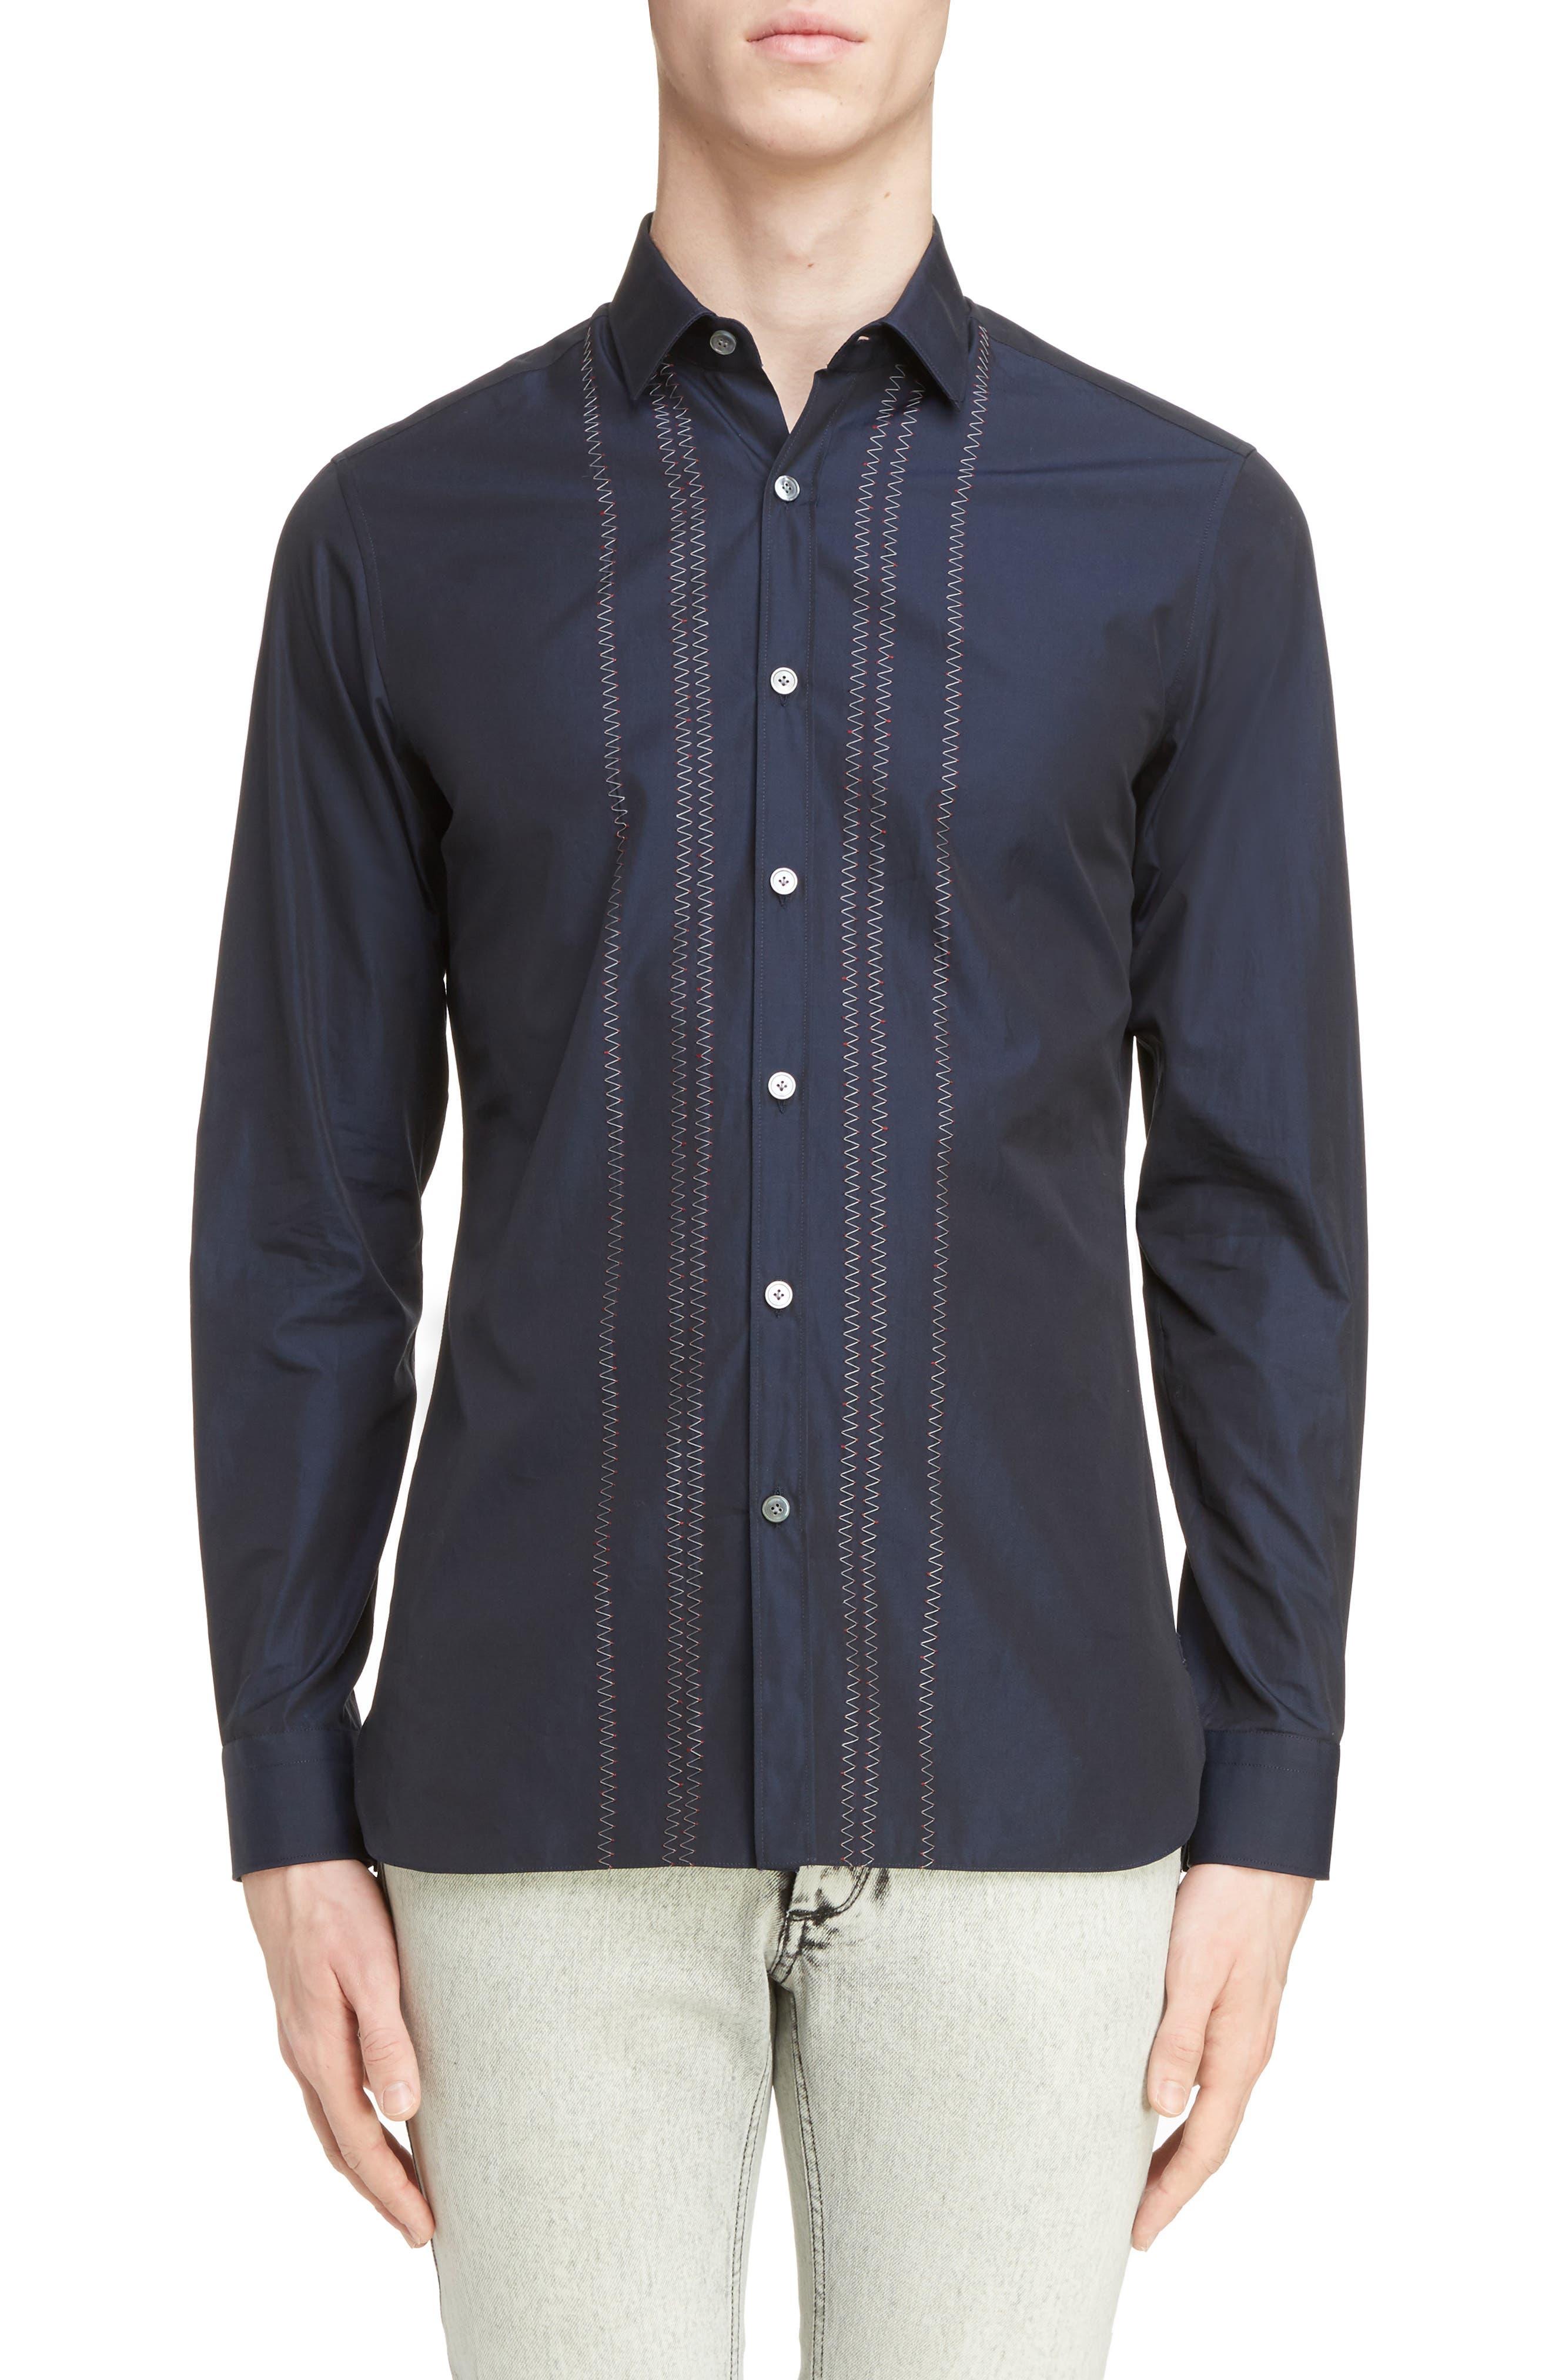 Lanvin Zigzag Embroidered Cotton & Silk Sport Shirt